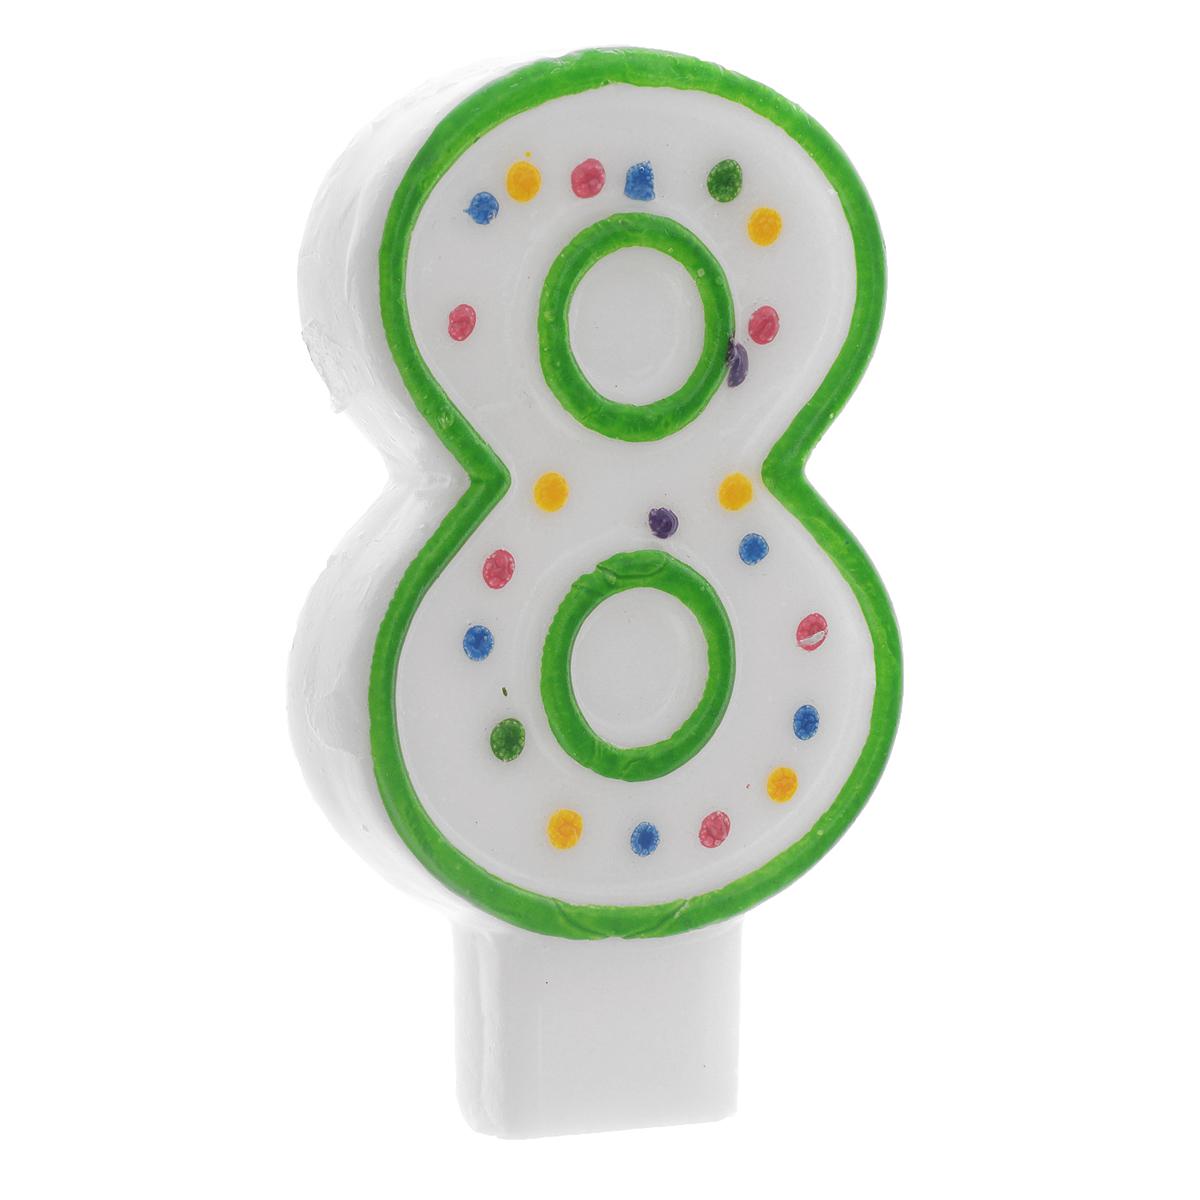 Свеча-цифра для торта Wilton Цифра 8, цвет: зеленый, высота 7,6 смWLT-2811-9108Свеча-цифра для торта Wilton Цифра 8 изготовлена из высококачественного воска. Это отличное решение для декорирования торта к празднику. Ее можно комбинировать с другими цифрами. Изделие хорошо и долго горит. С этой свечой ваш праздник станет еще удивительнее и веселее. Высота свечи (без учета фитиля): 7,6 см.